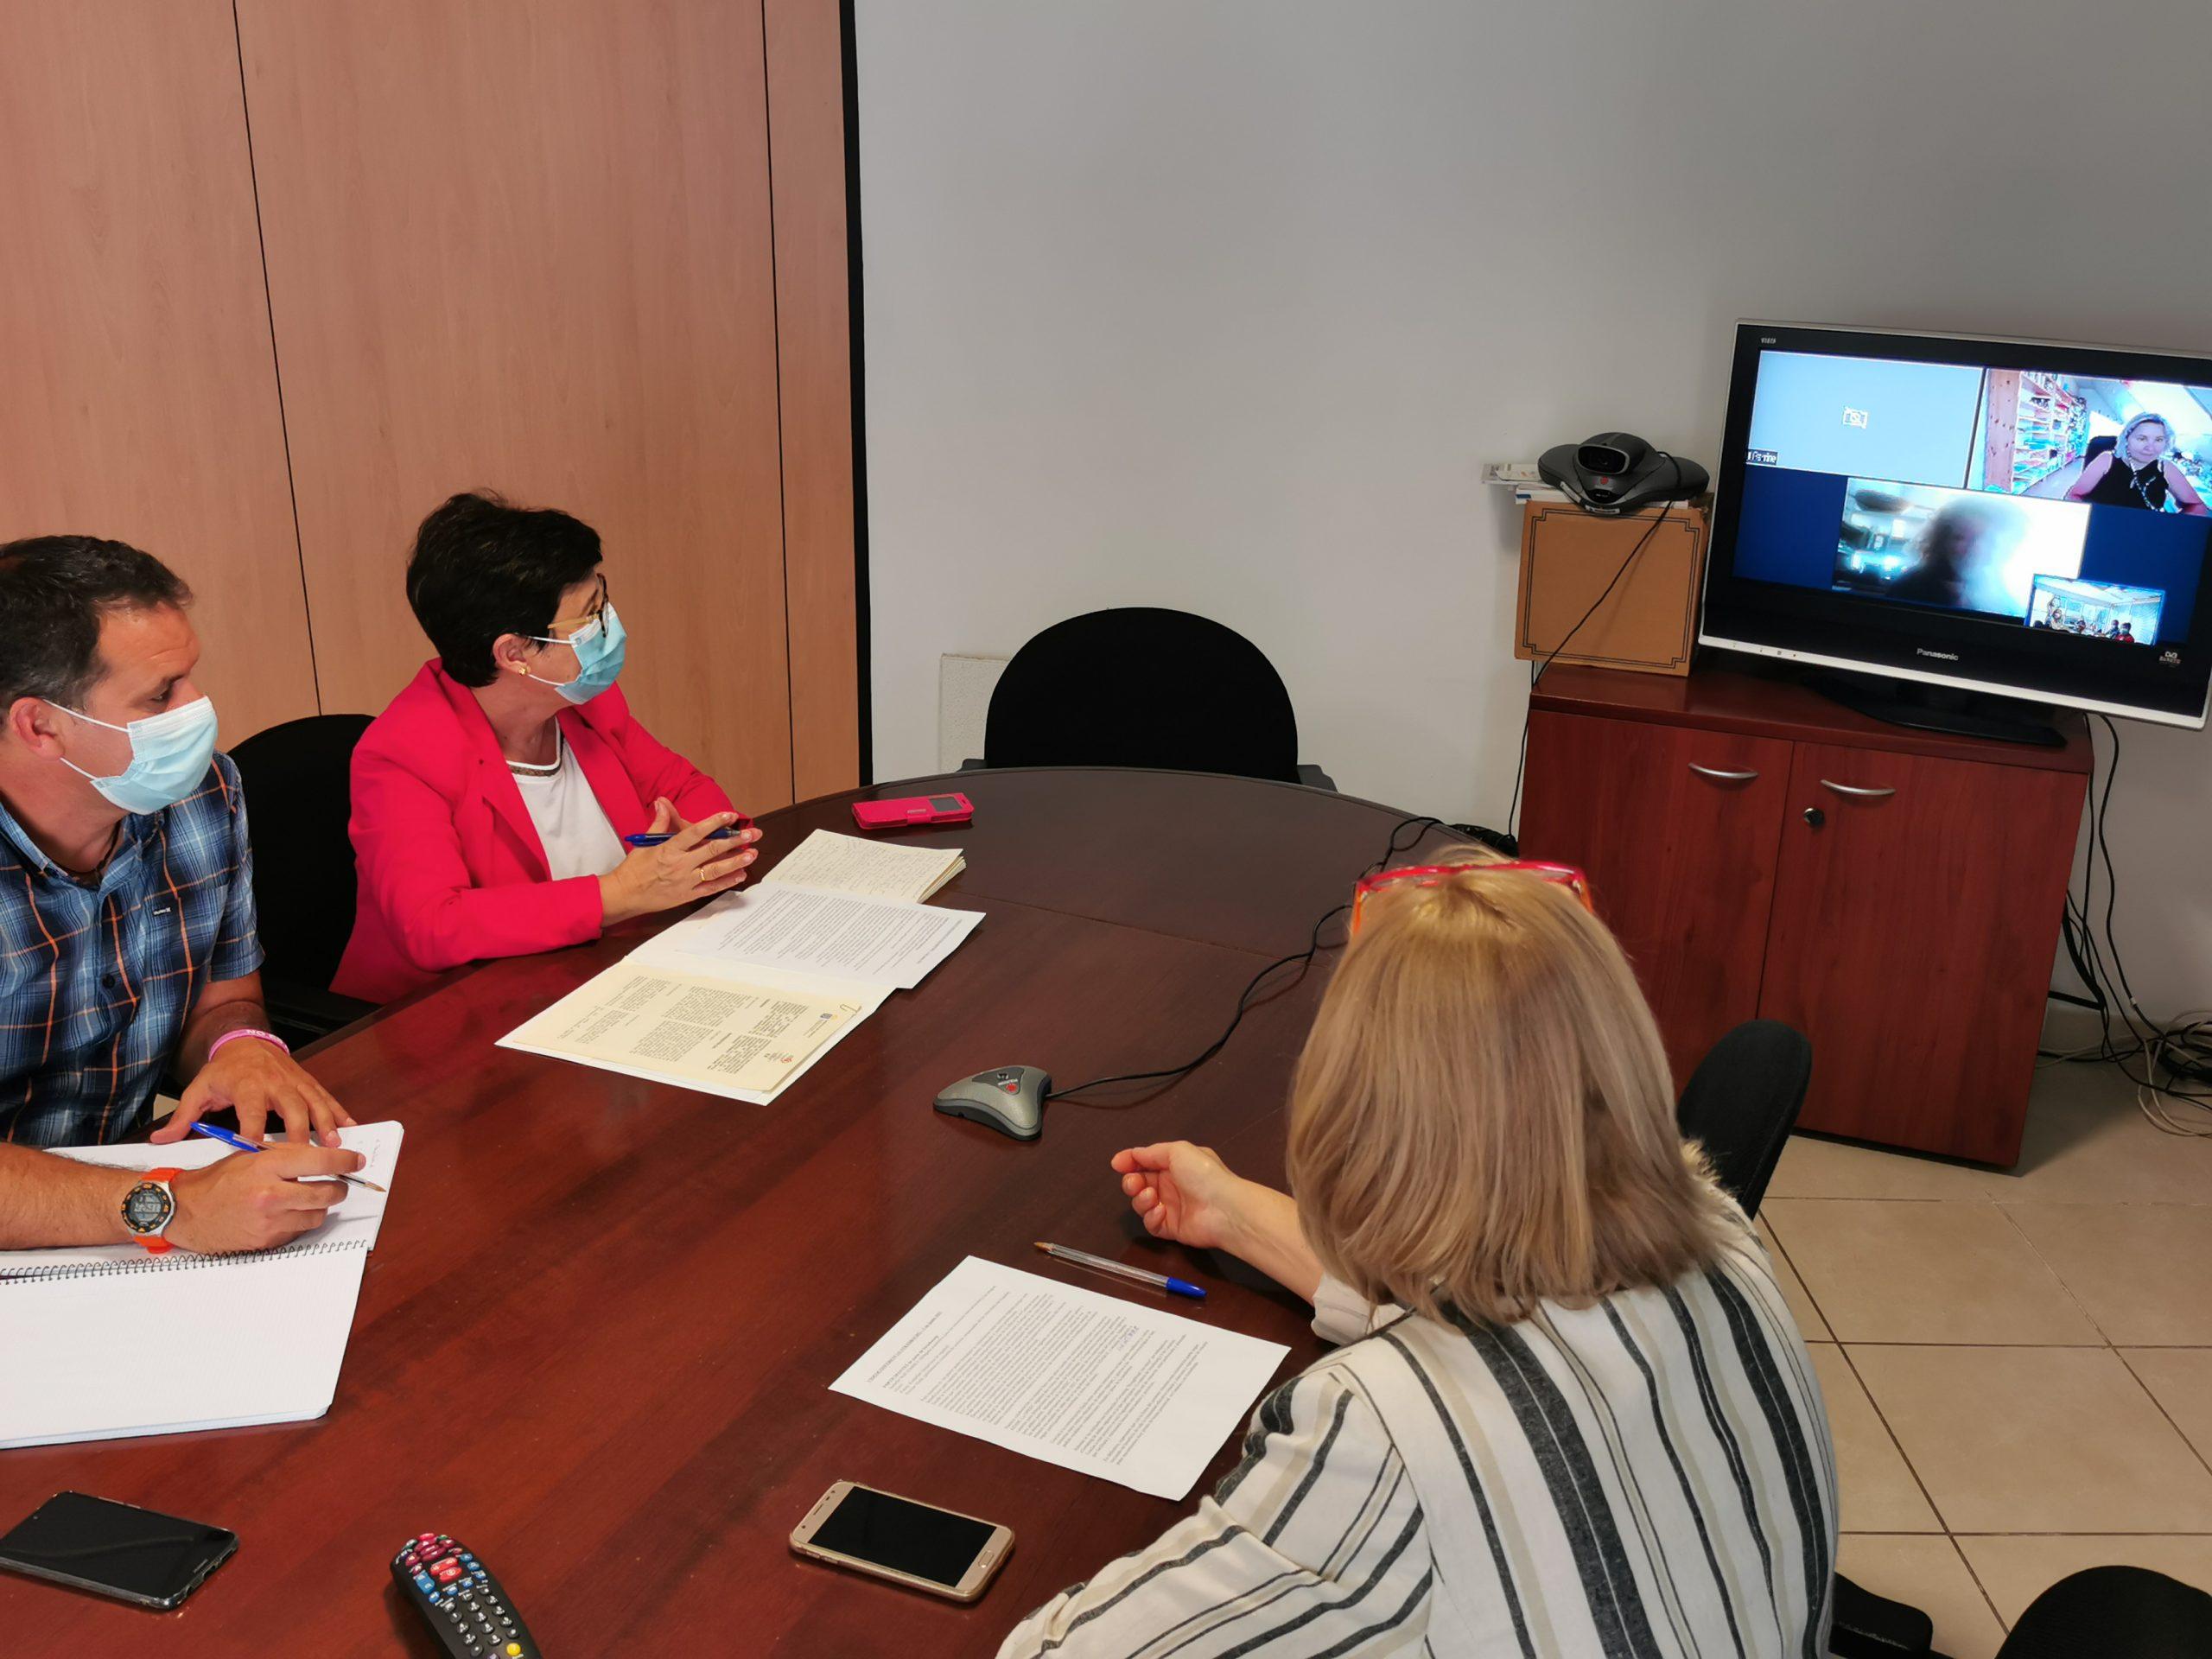 Educación firma un convenio con la región de Estrasburgo en el marco de su estrategia de internacionalización